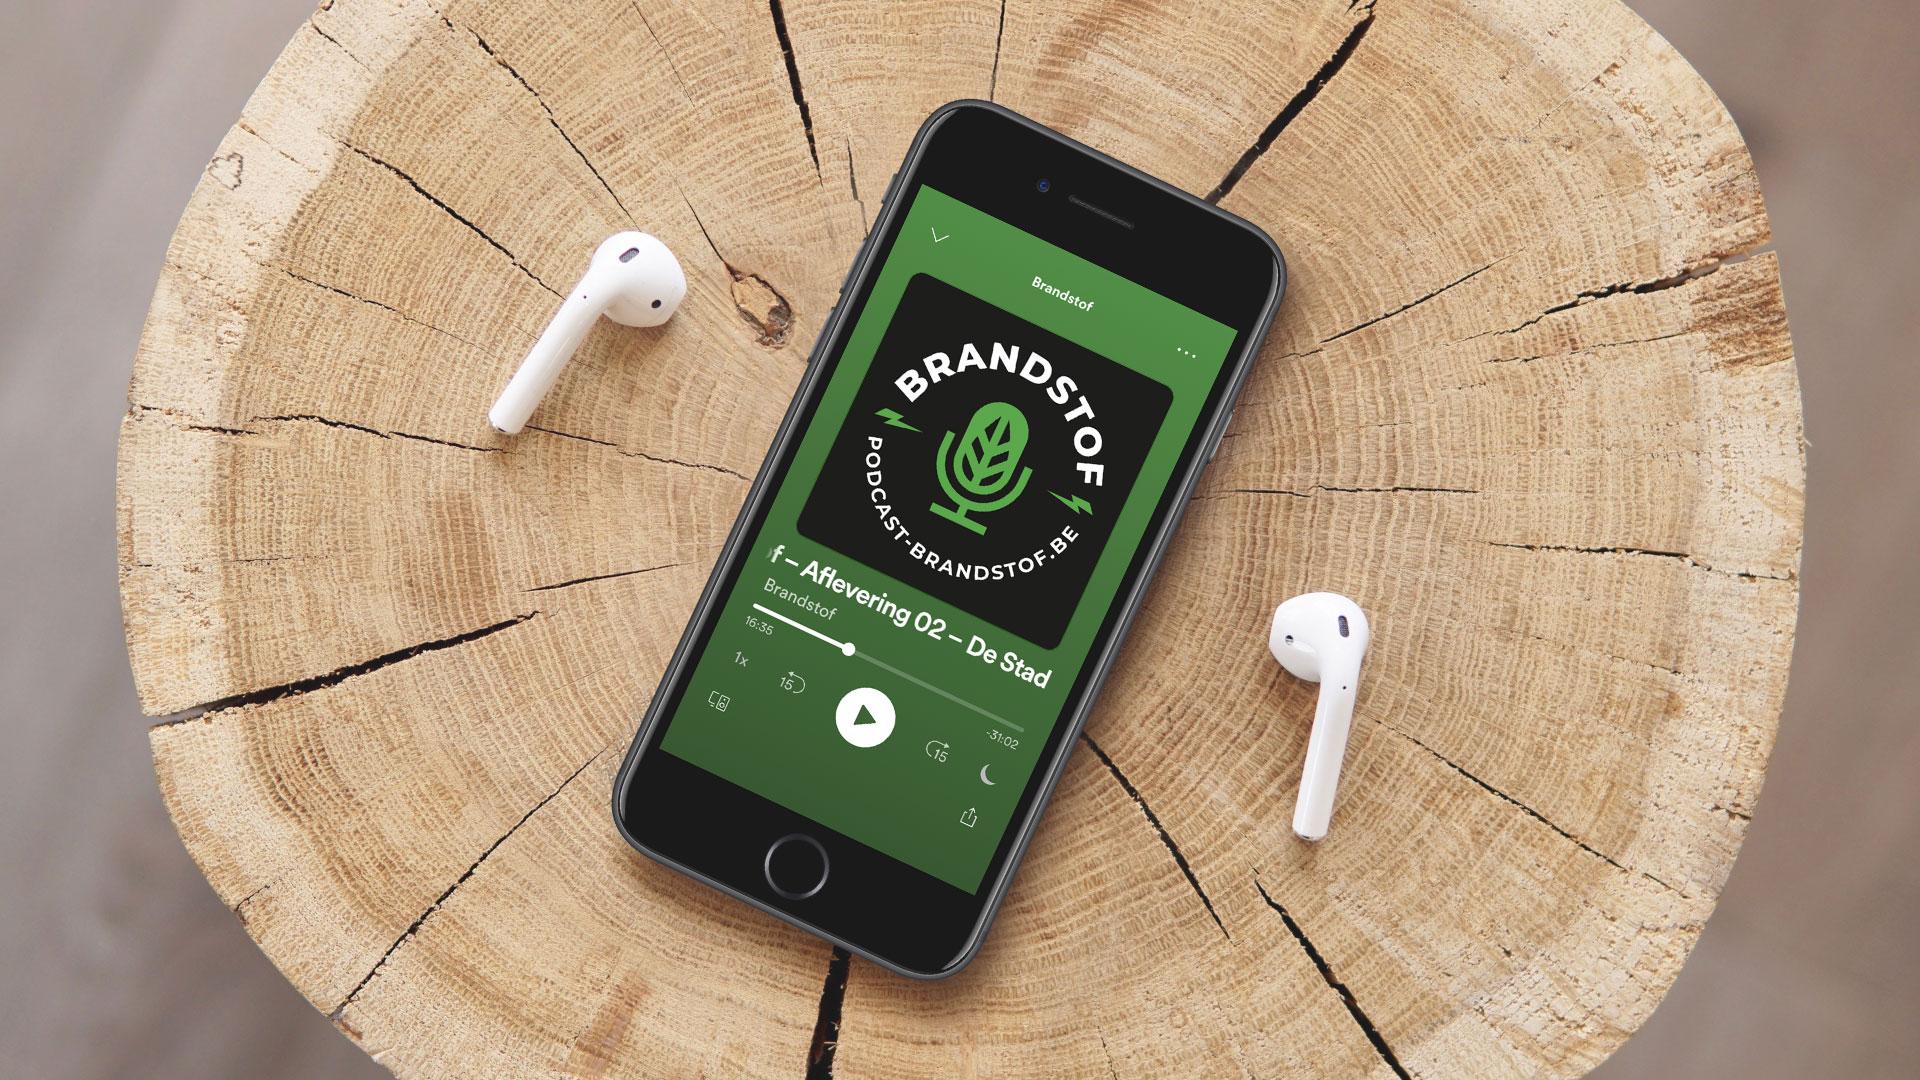 Brandstof Podcast on Spotify